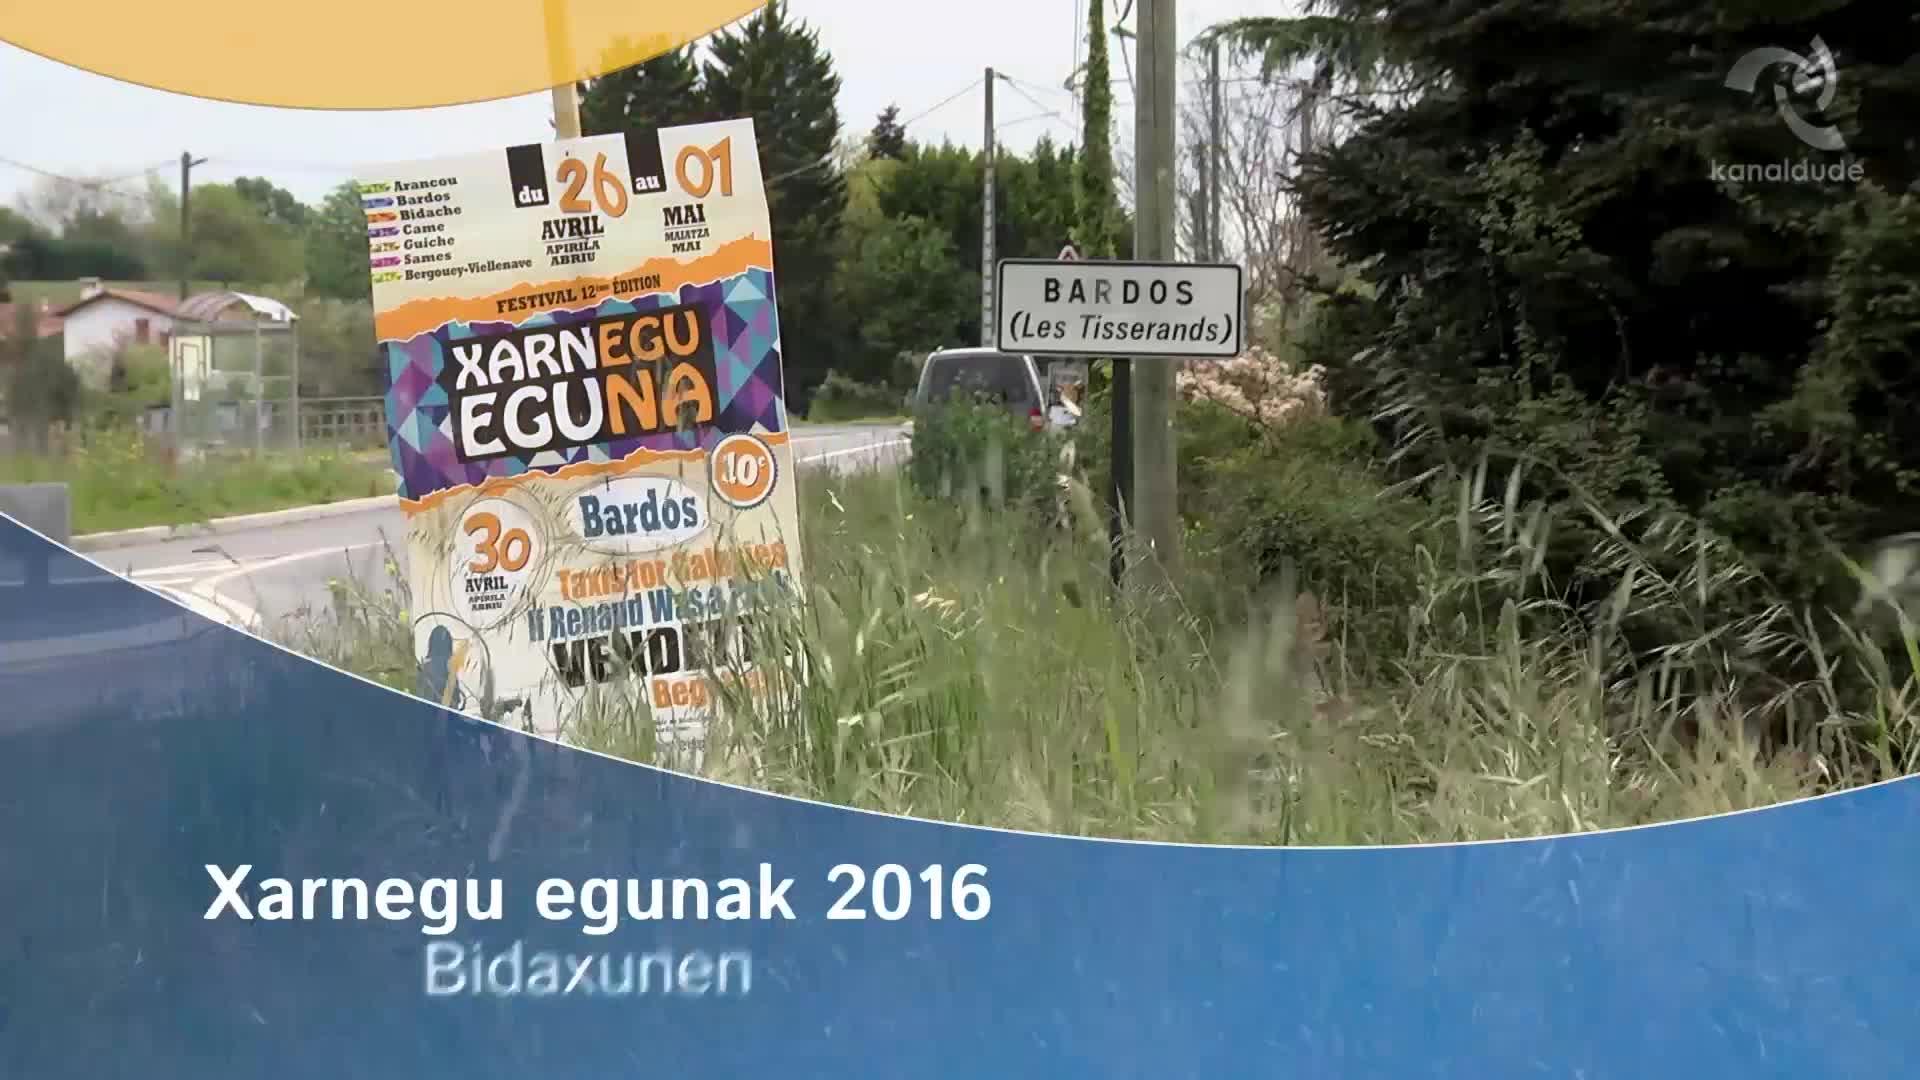 Xarnegu egunak 2016 Bidaxunen